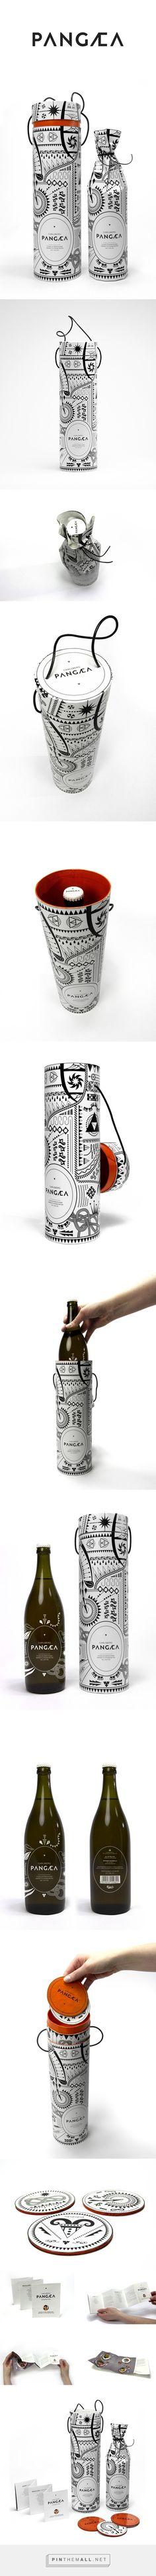 30 designs originaux & créatifs autour des bouteilles - Inspiration graphique…